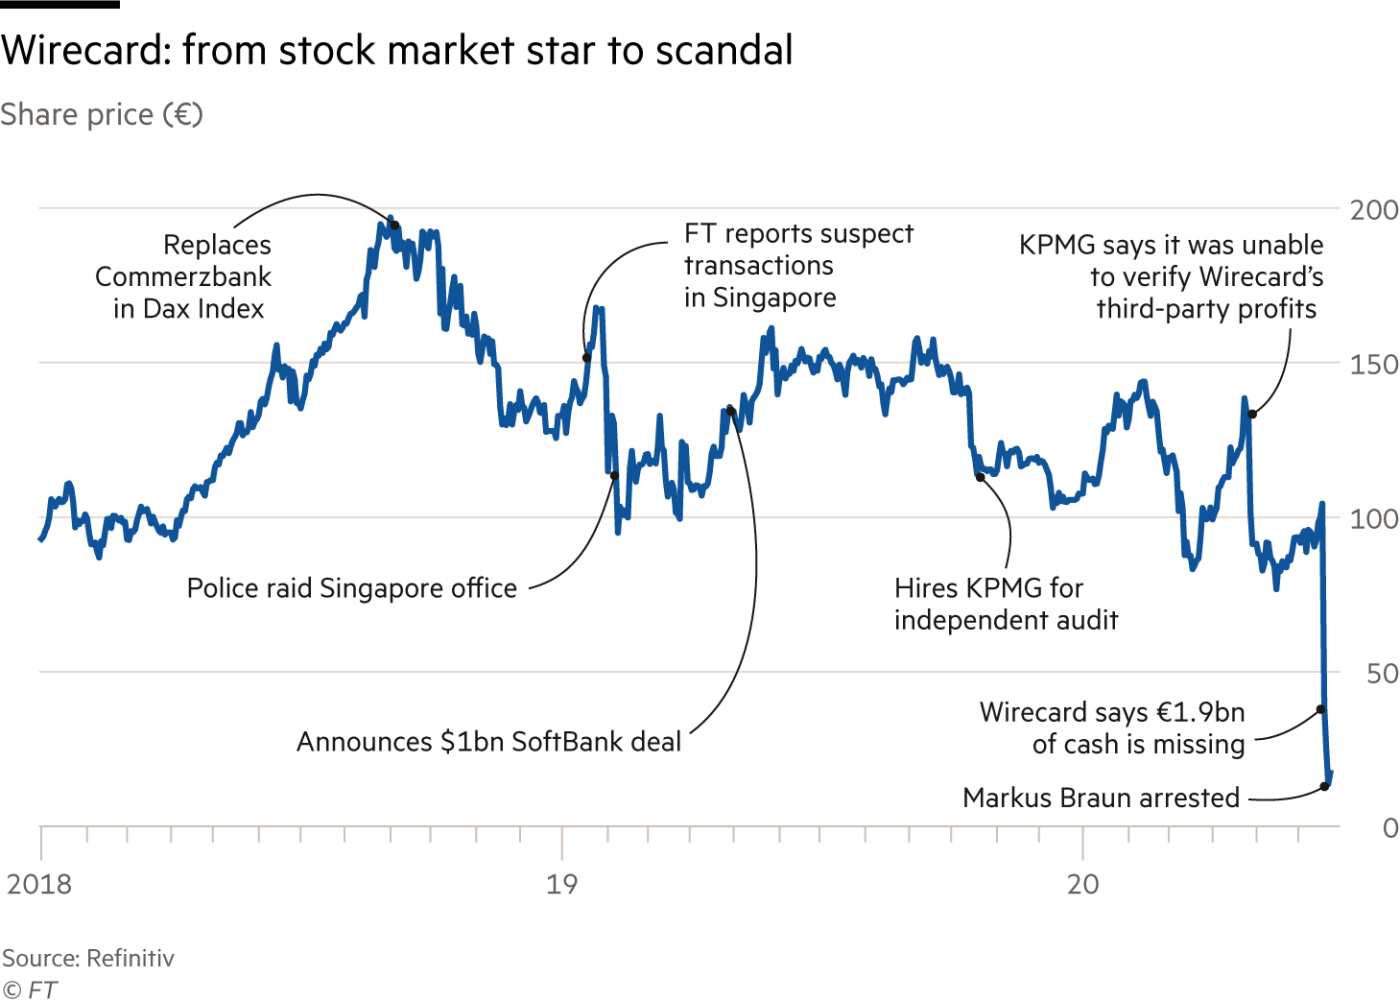 Ascensão e queda da Wirecard. Gráfico publicado no Financial Times.